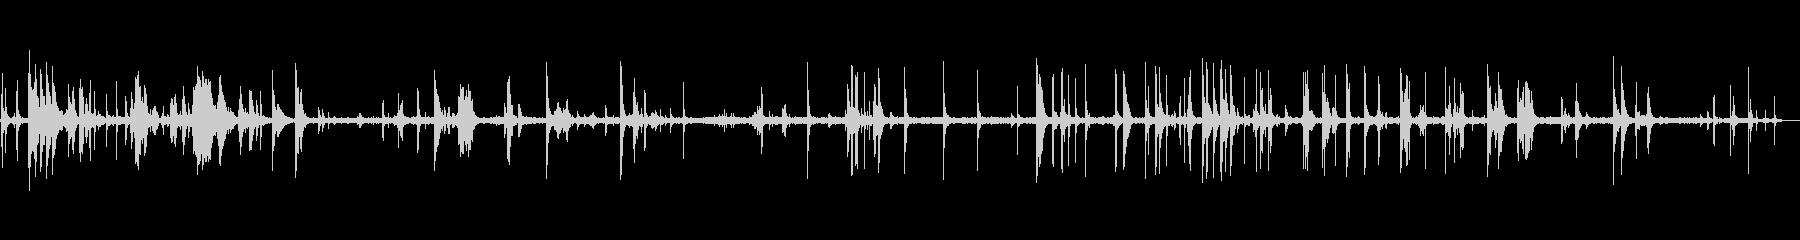 ラトルオブディッシュ、一般的なキッ...の未再生の波形